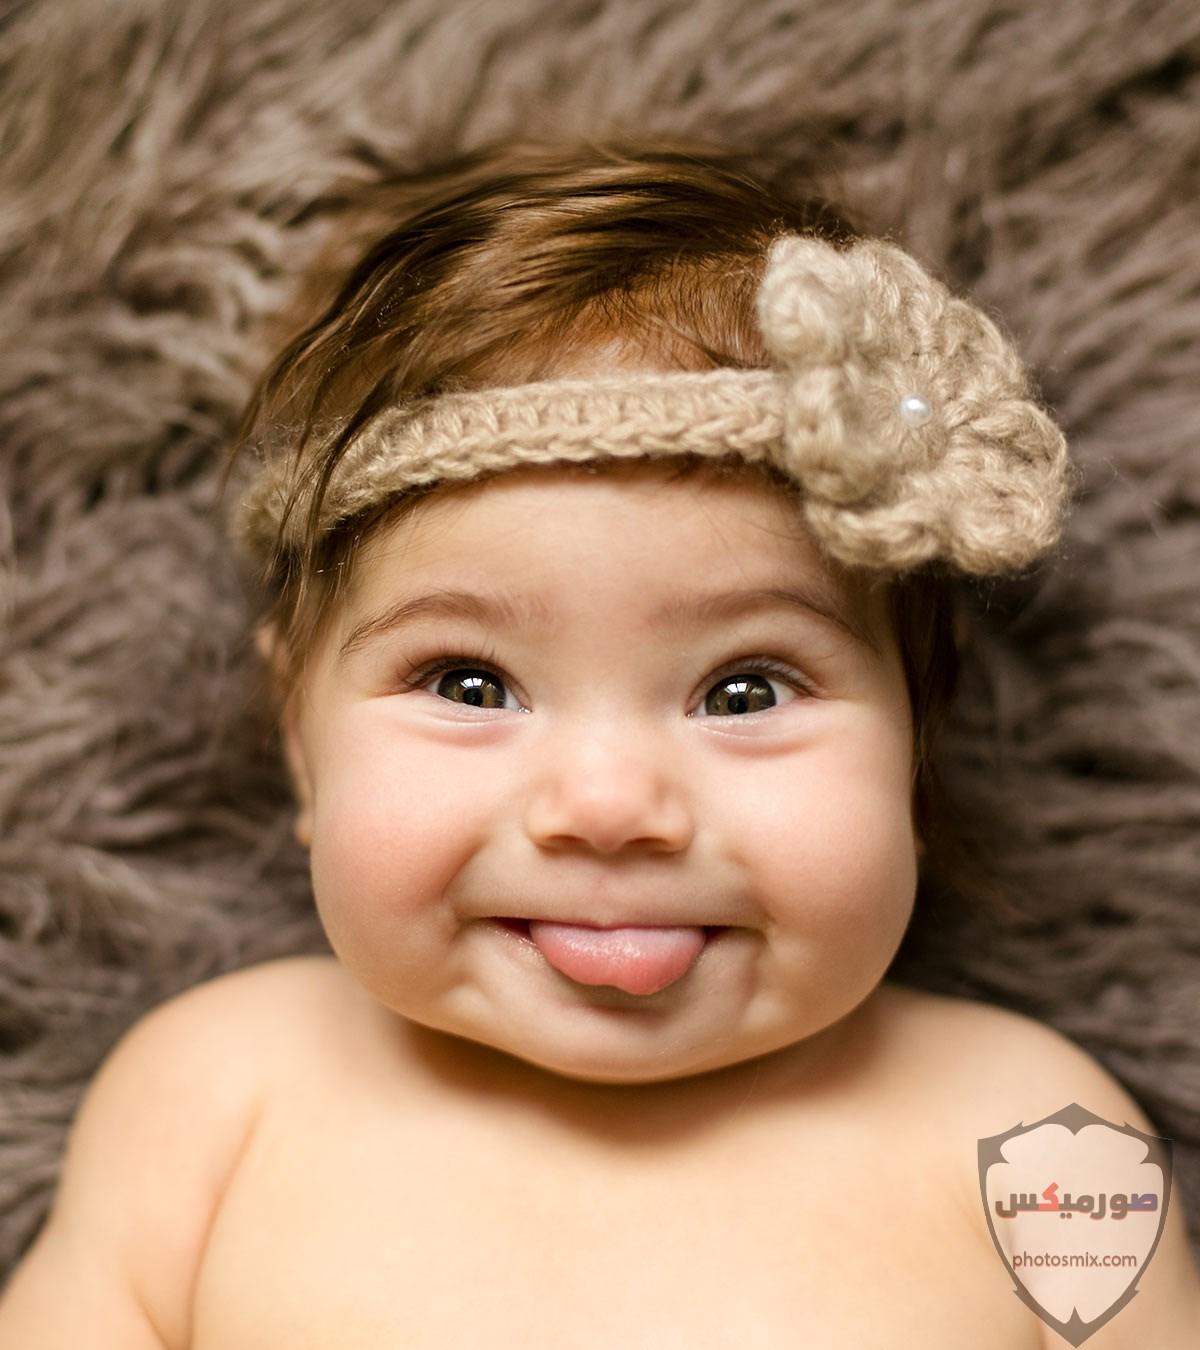 صور اطفال 2021 تحميل اكثر من 100 صور اطفال جميلة صور اطفال روعة 2020 57 1